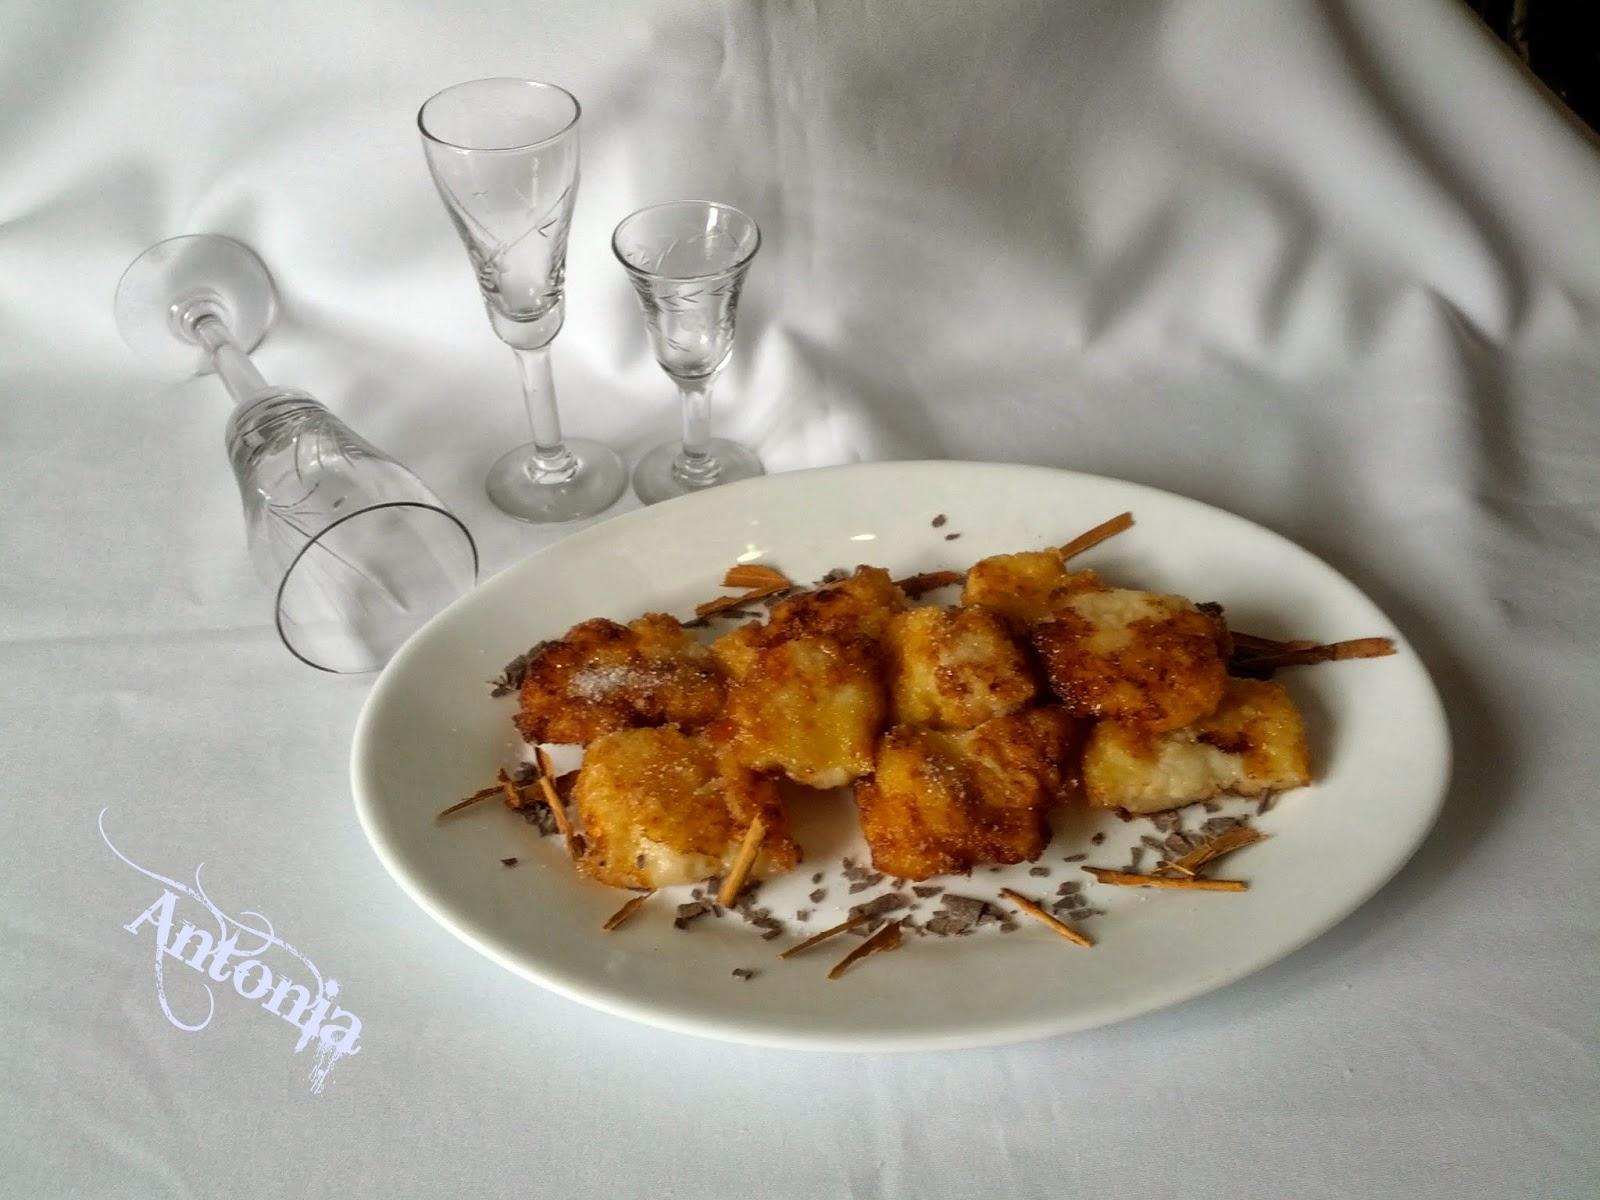 Arroz Con Leche Frito